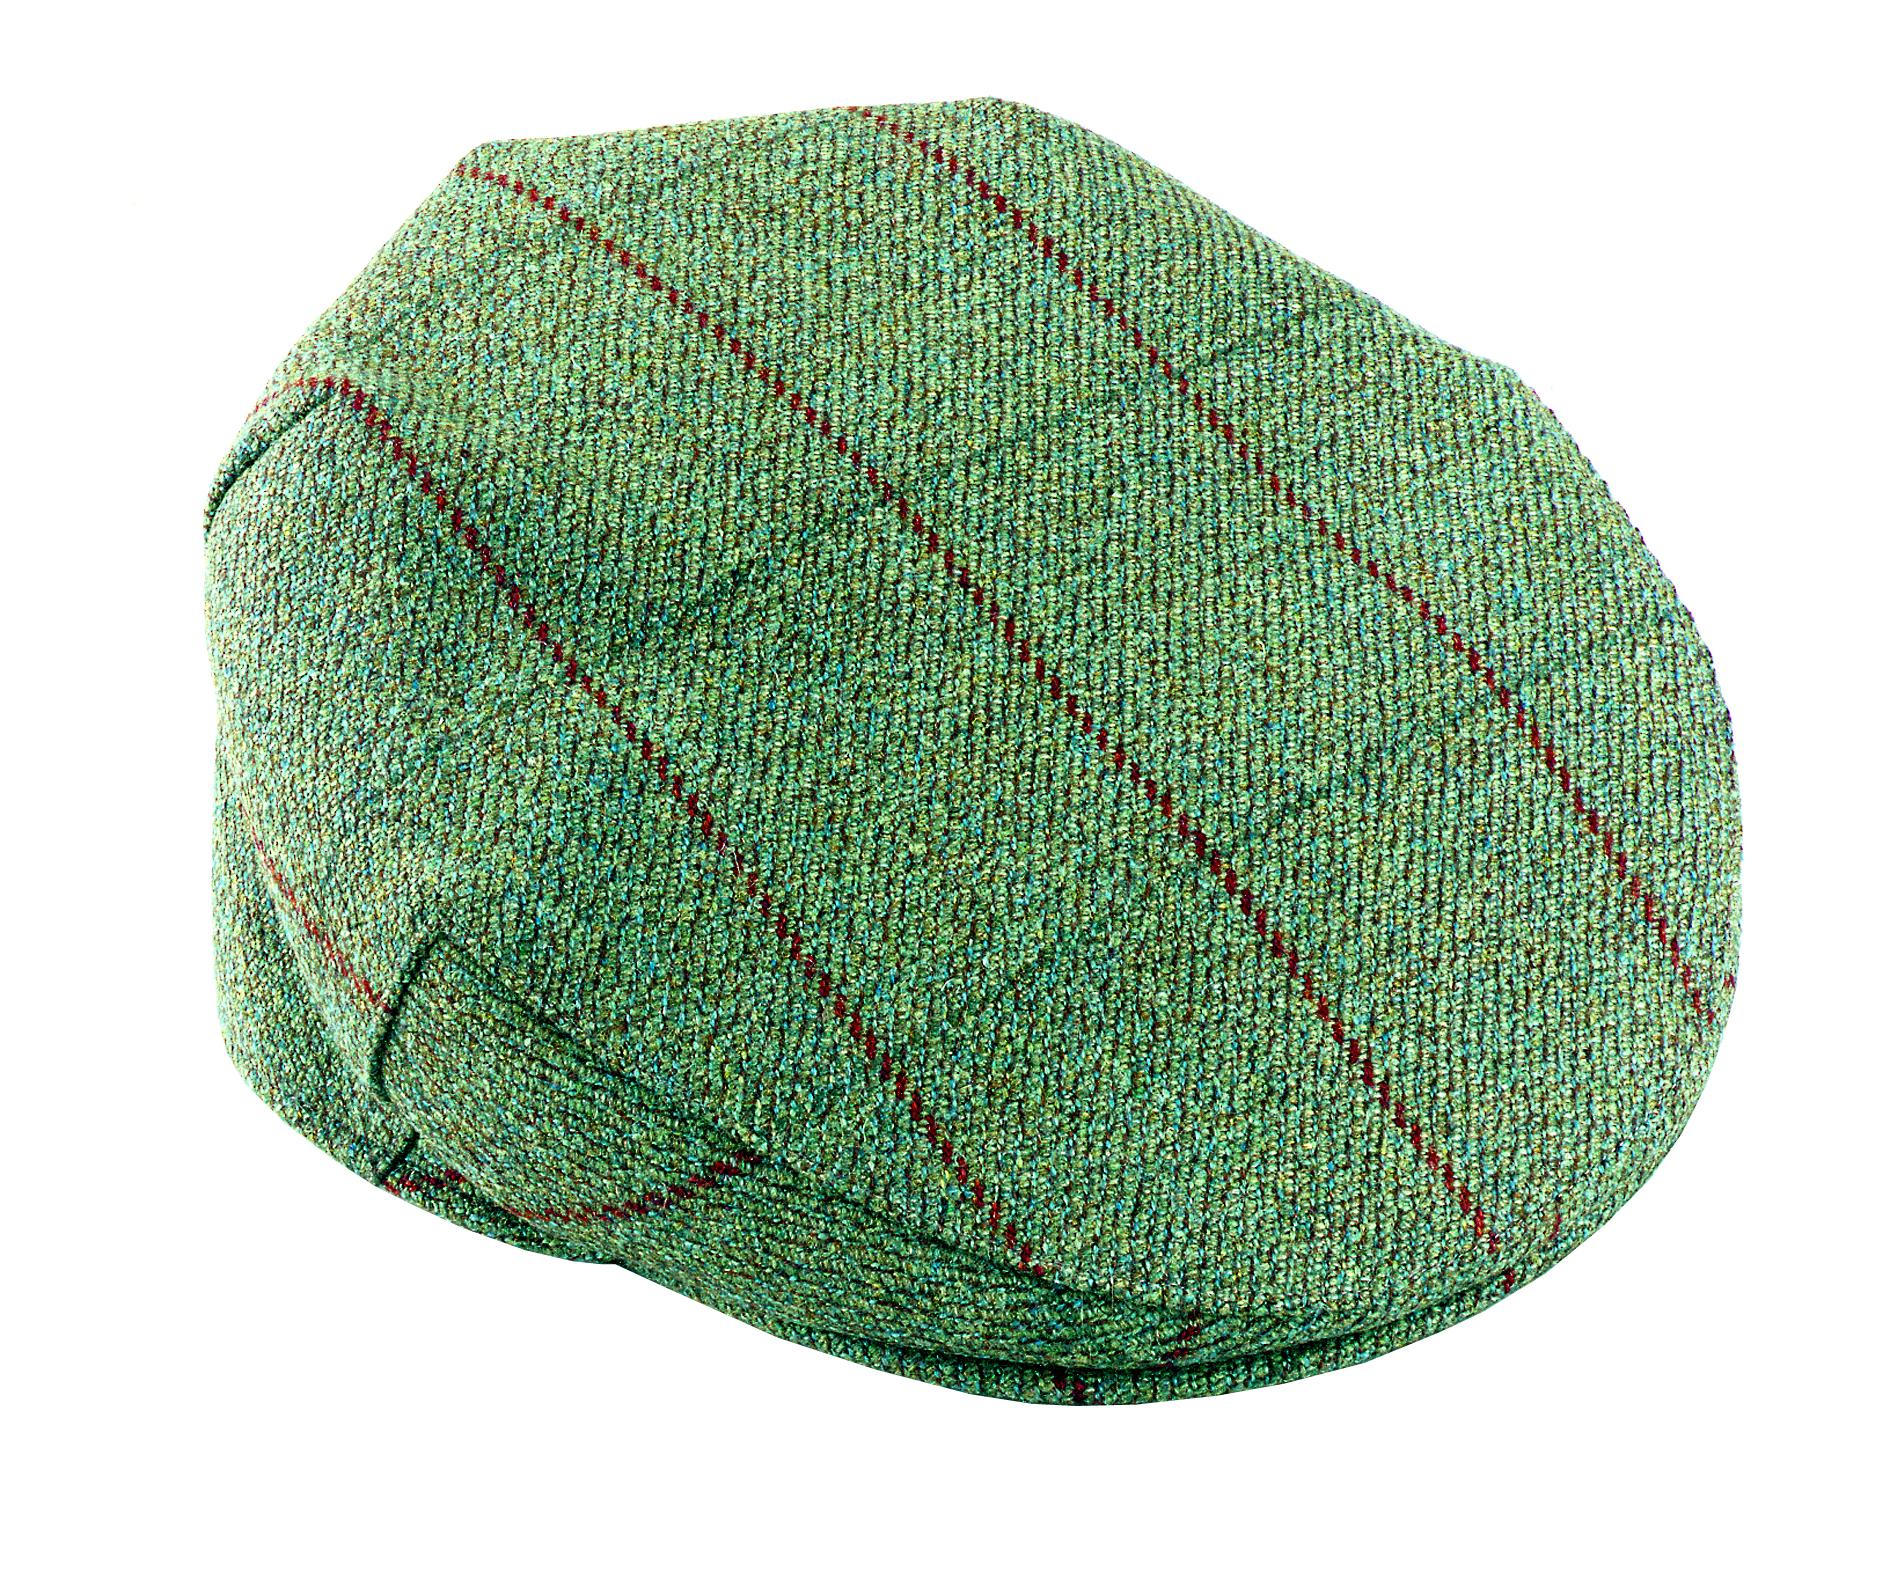 Foxhound tweed cap